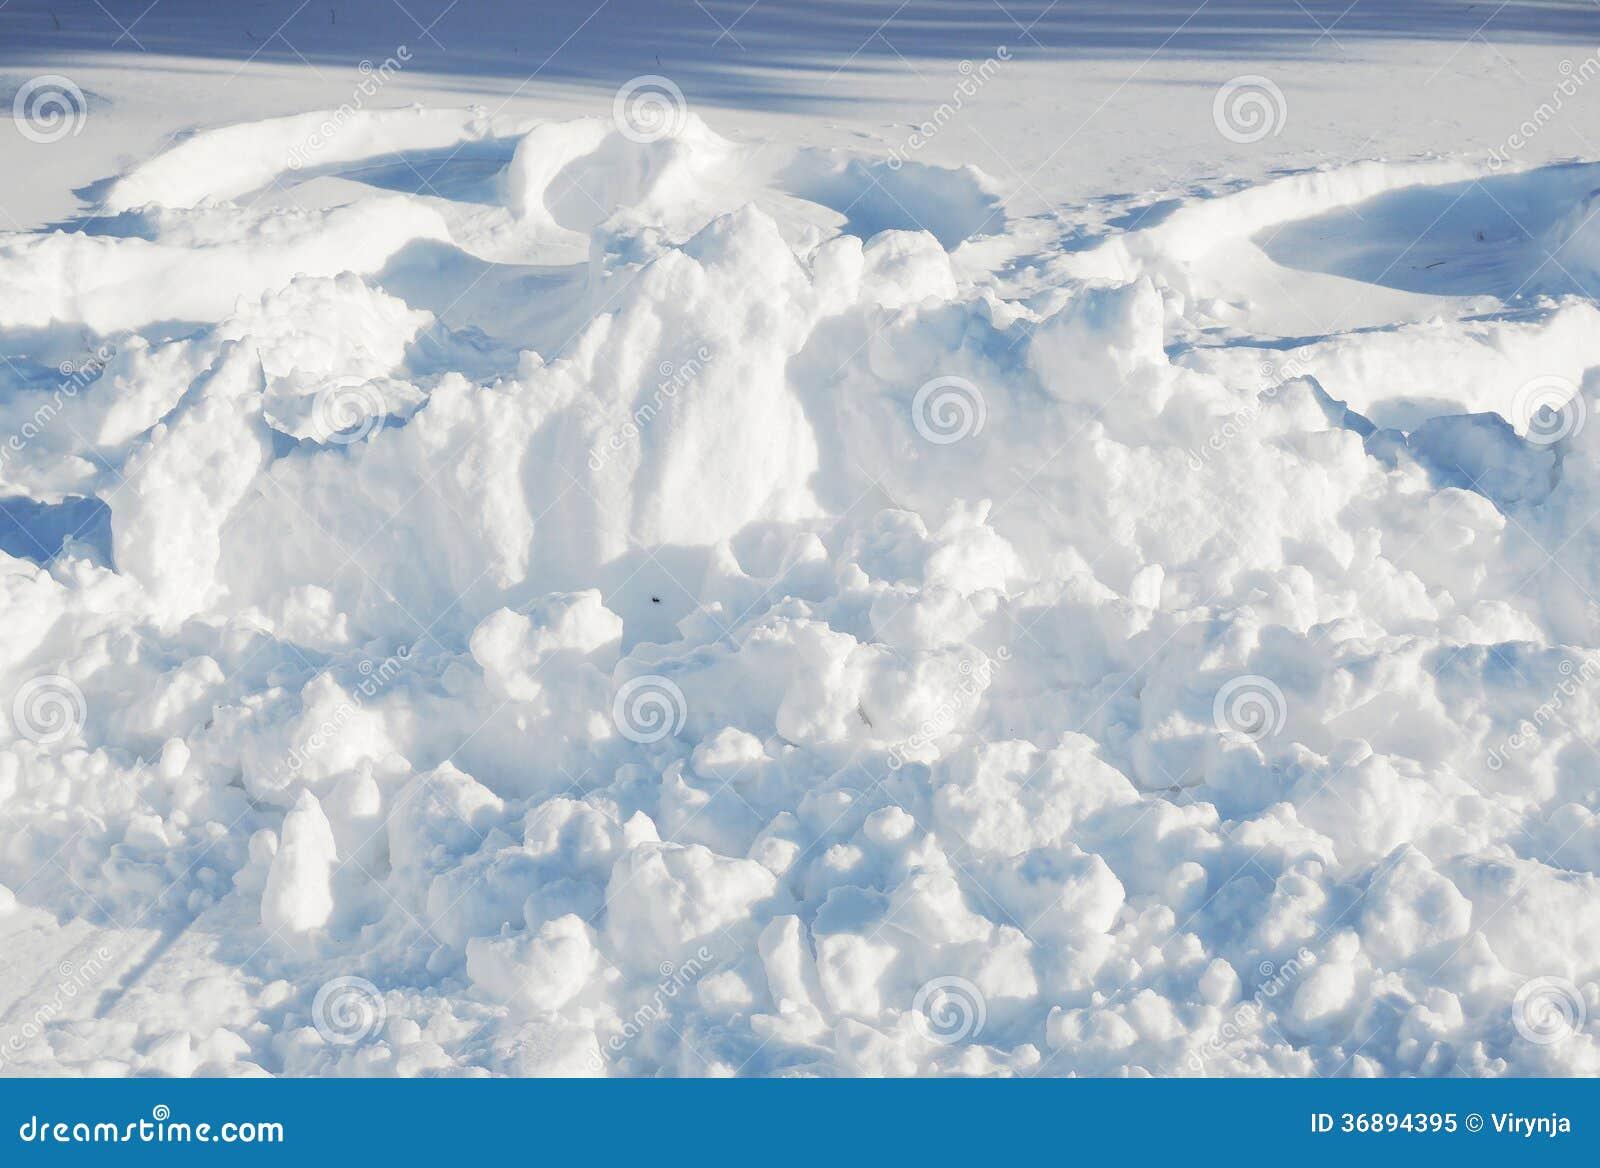 Download Fondo della neve immagine stock. Immagine di deep, dicembre - 36894395